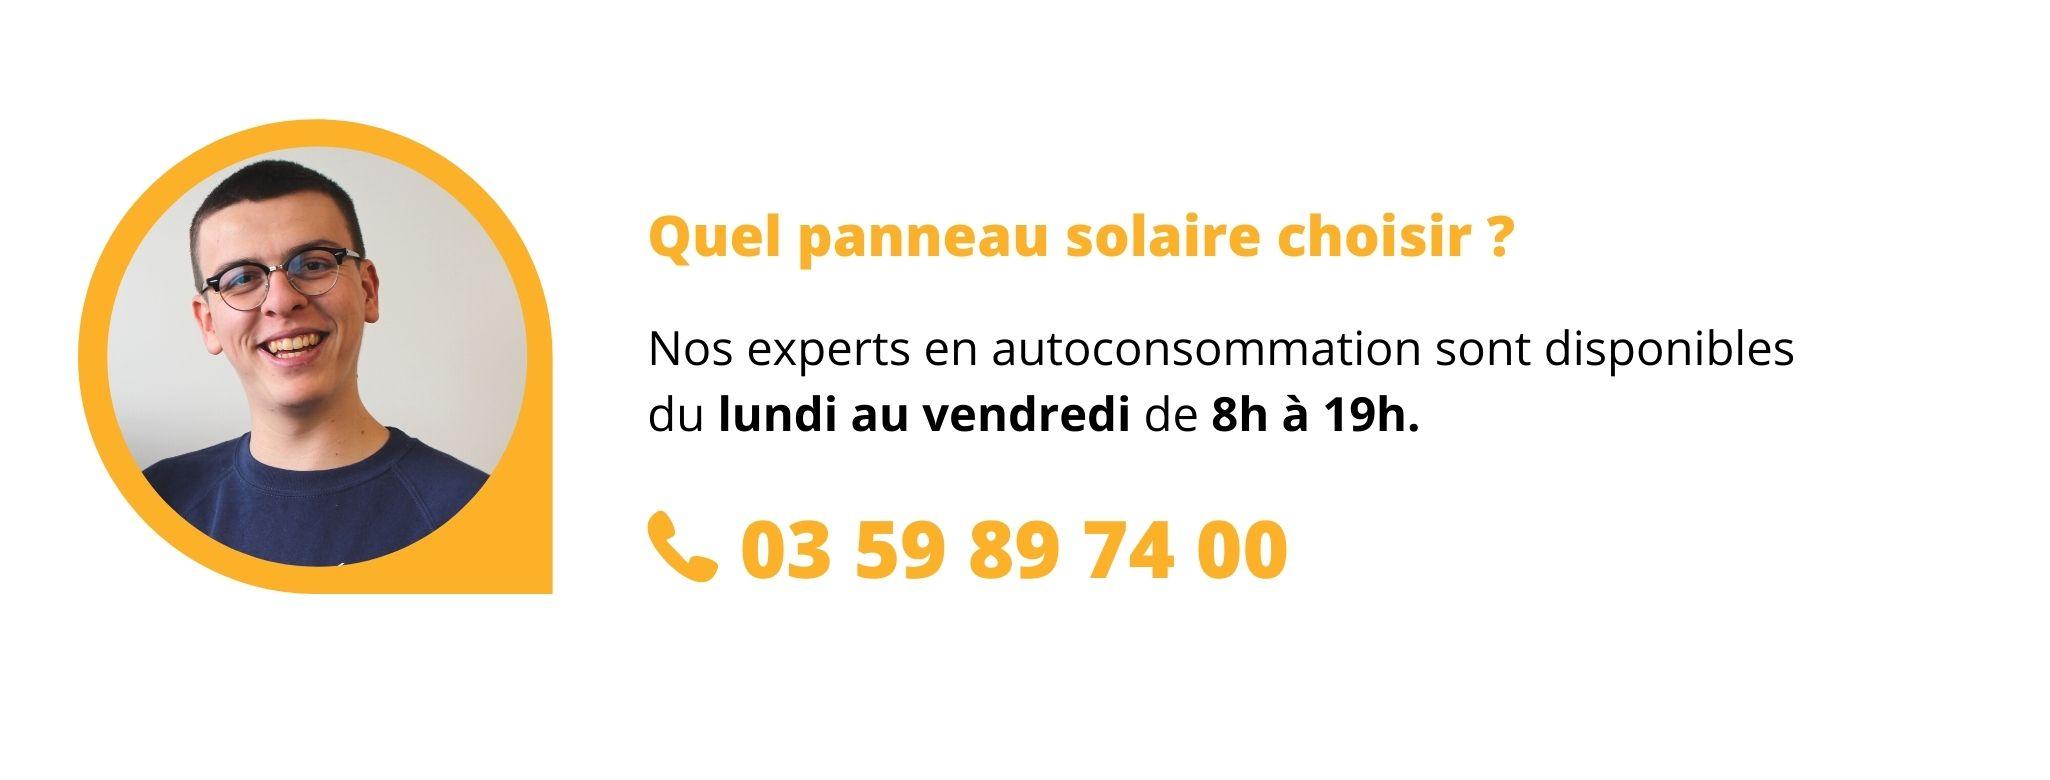 conseils-panneau-solaire